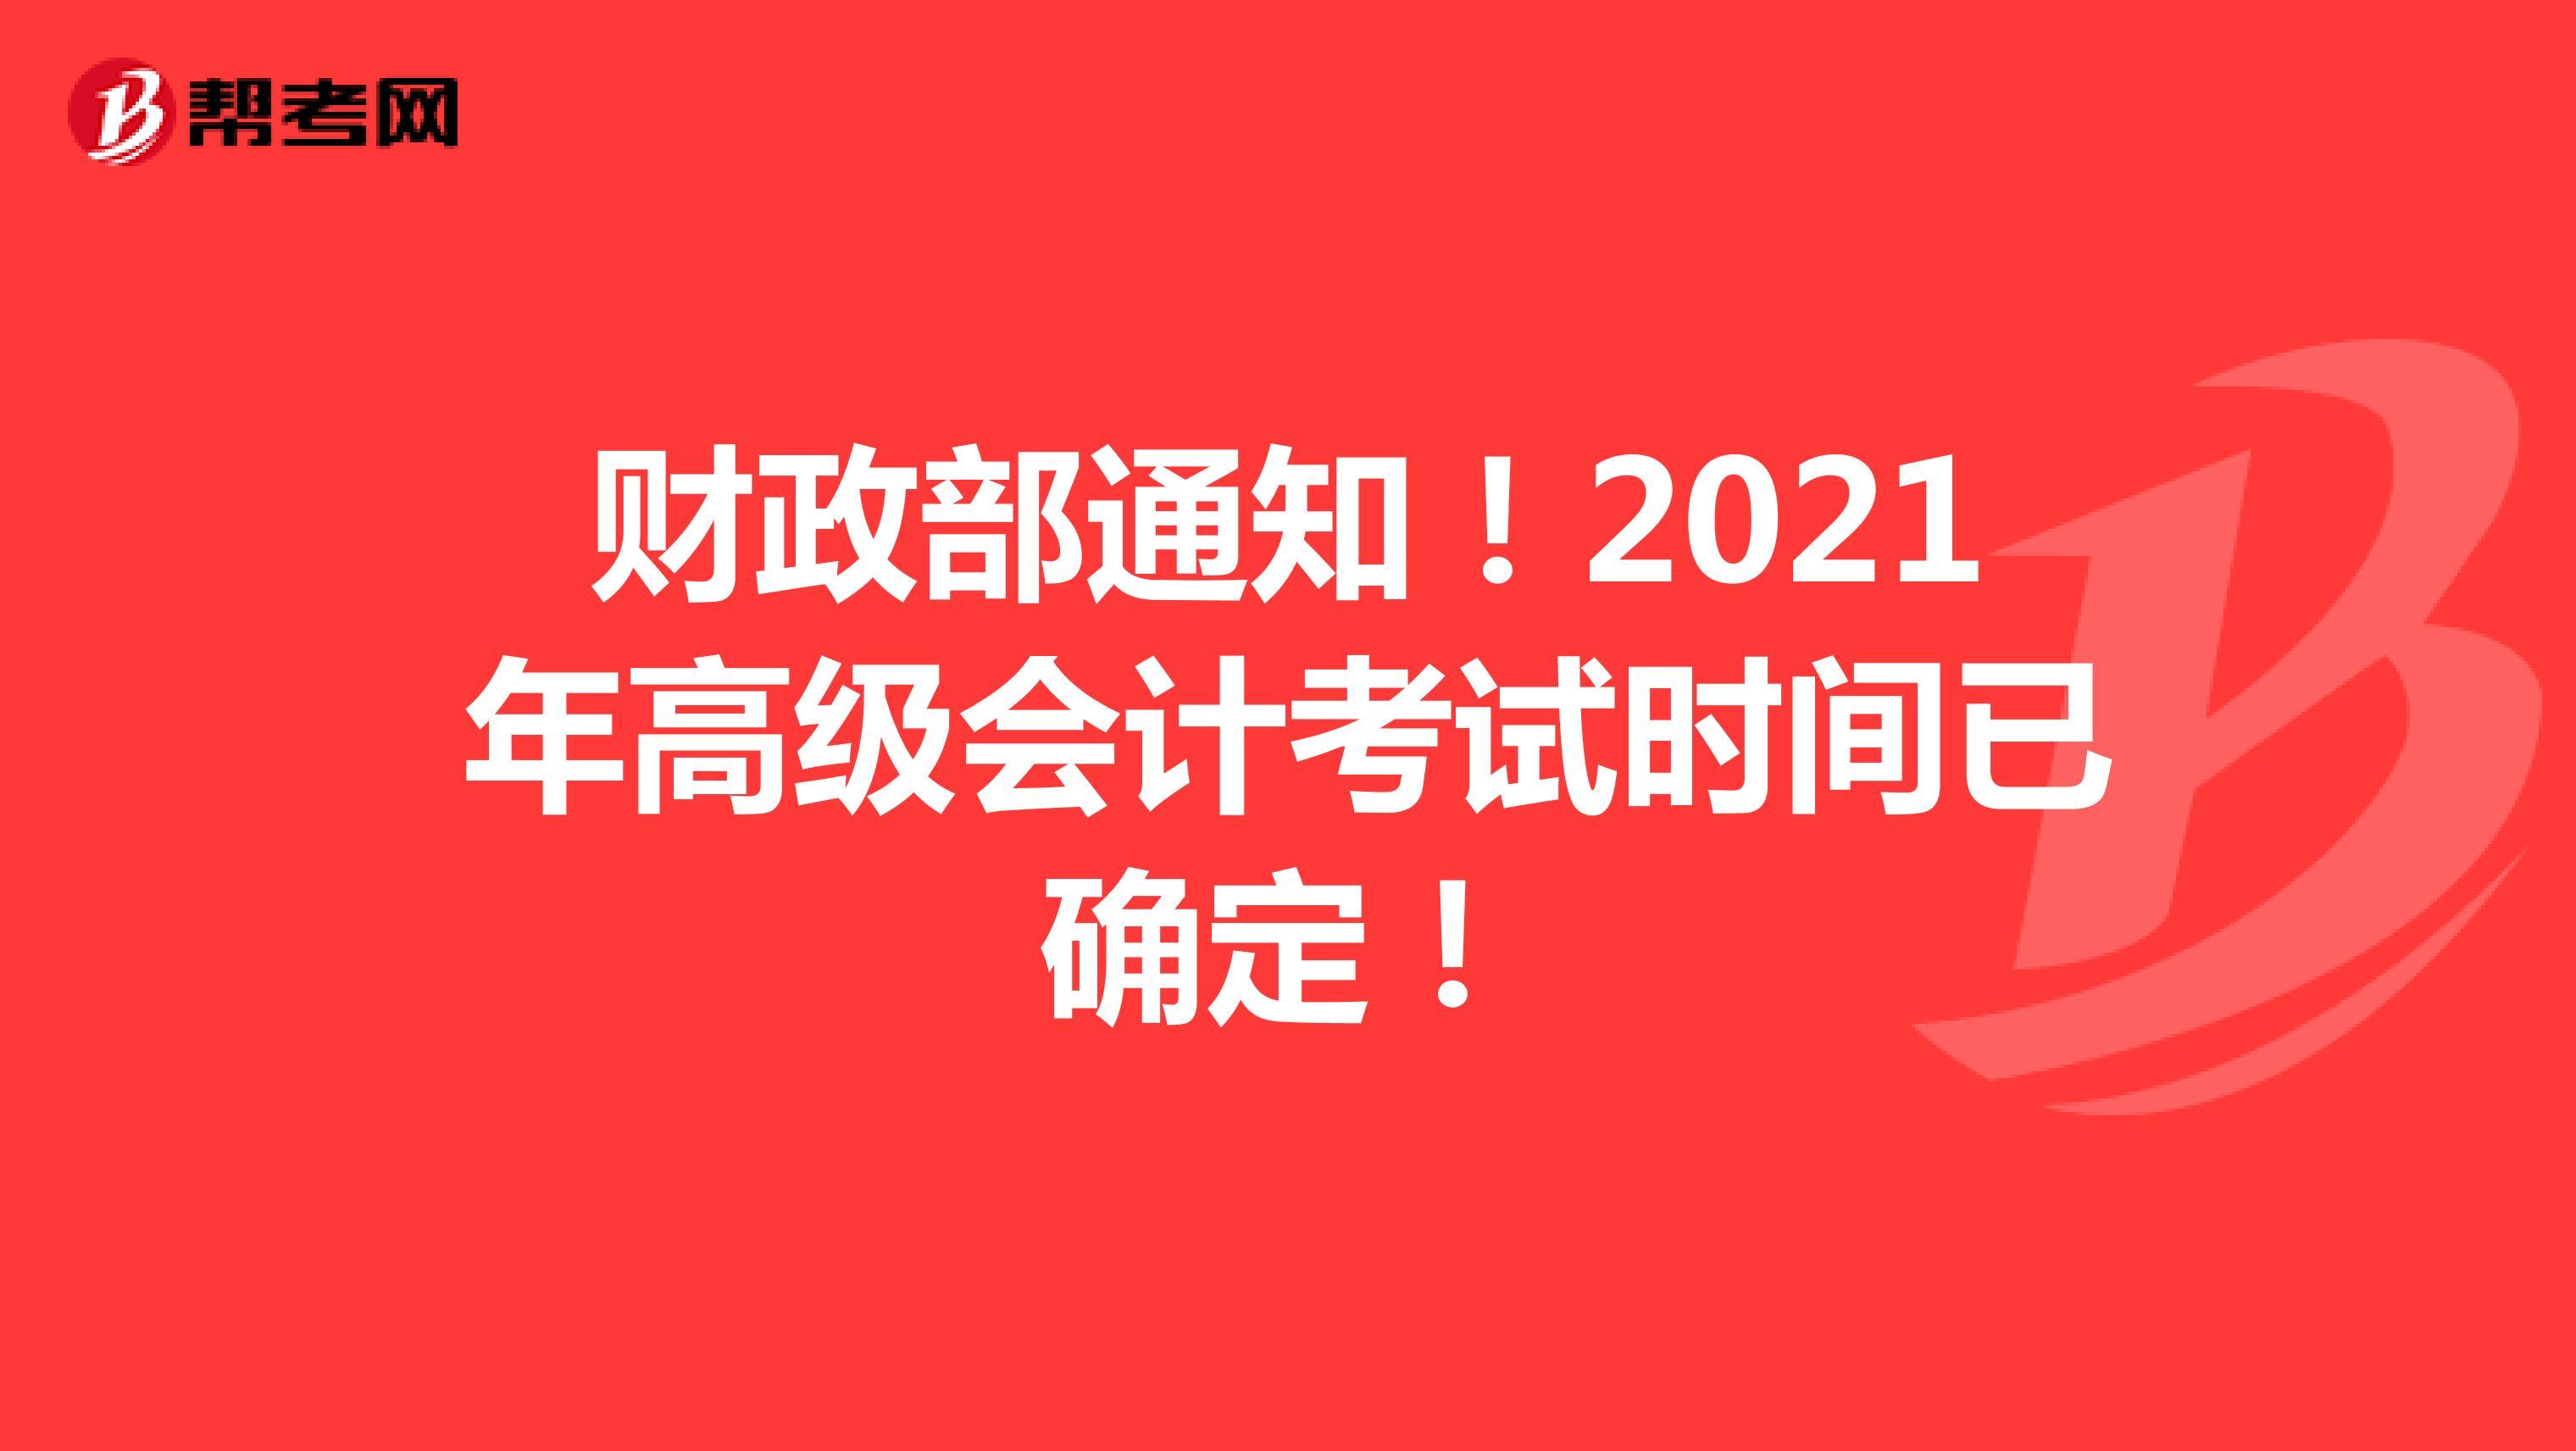 財政部通知!2021年高級會計考試時間已確定!